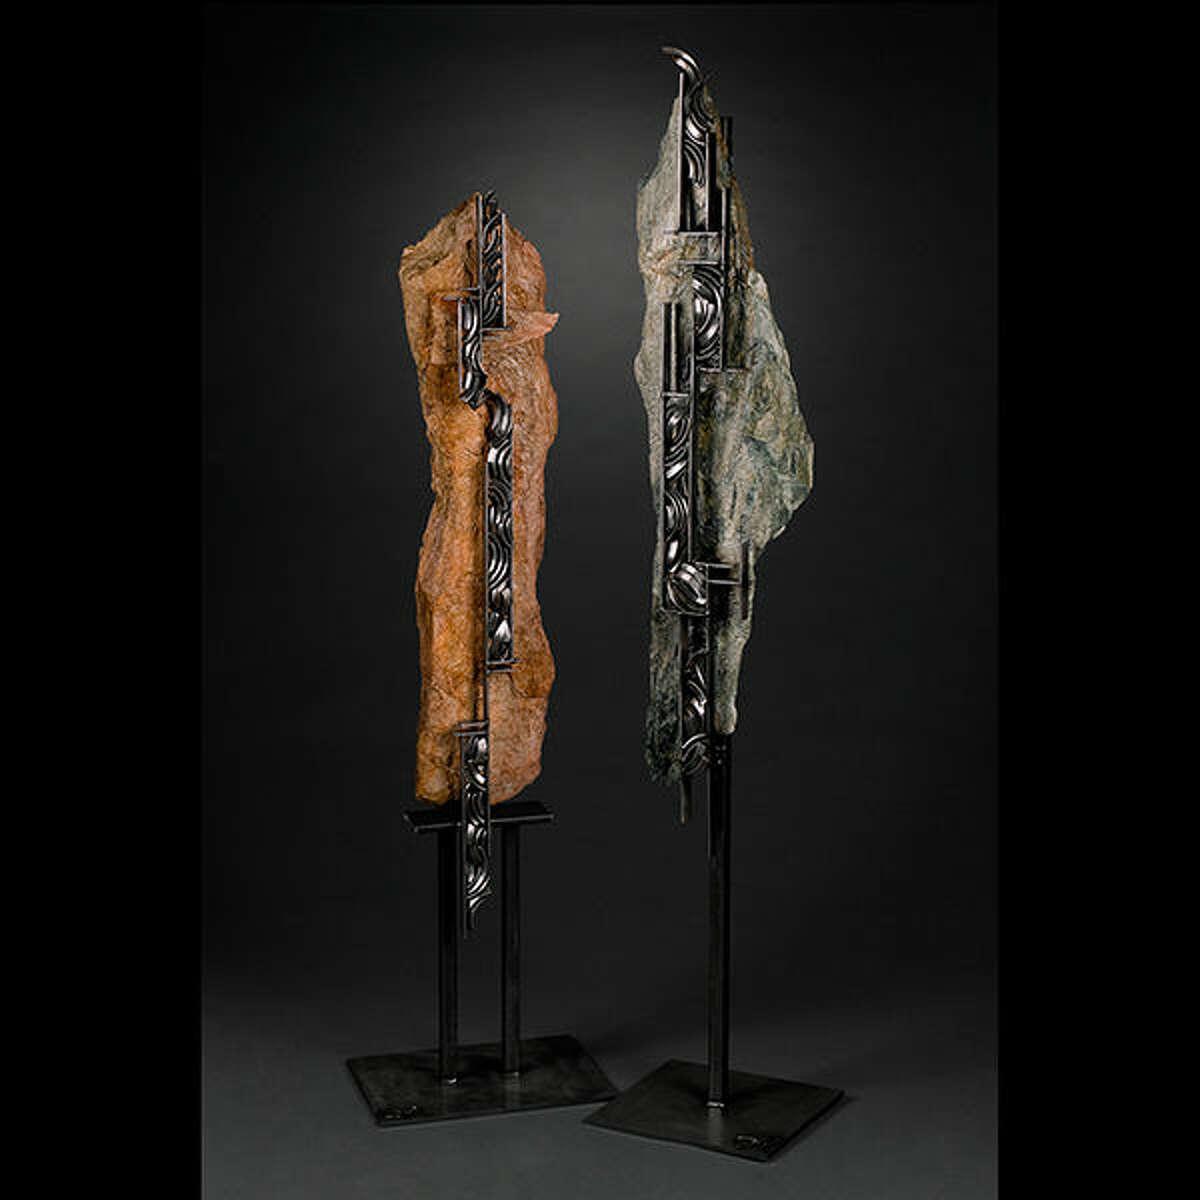 Two works by Cliff Matyszczyk.